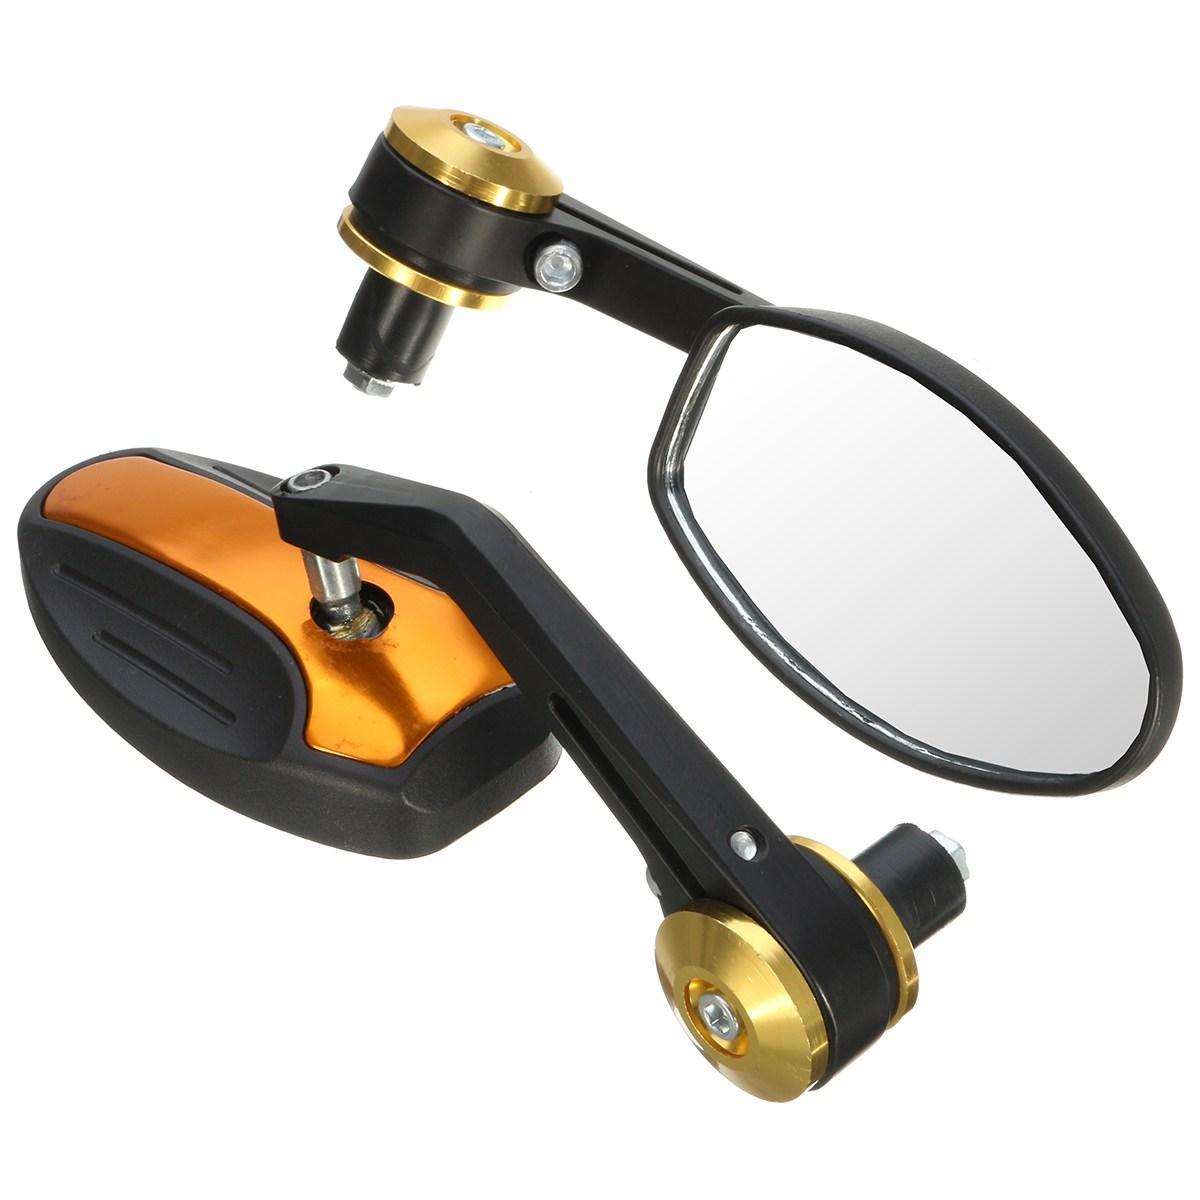 1 Paar Universal-7/8 '' Motorrad Aluminium Rückansicht Seitenspiegel Bike Spiegel Lenkerende 360 Grad im Freien Fahrrad Spiegel